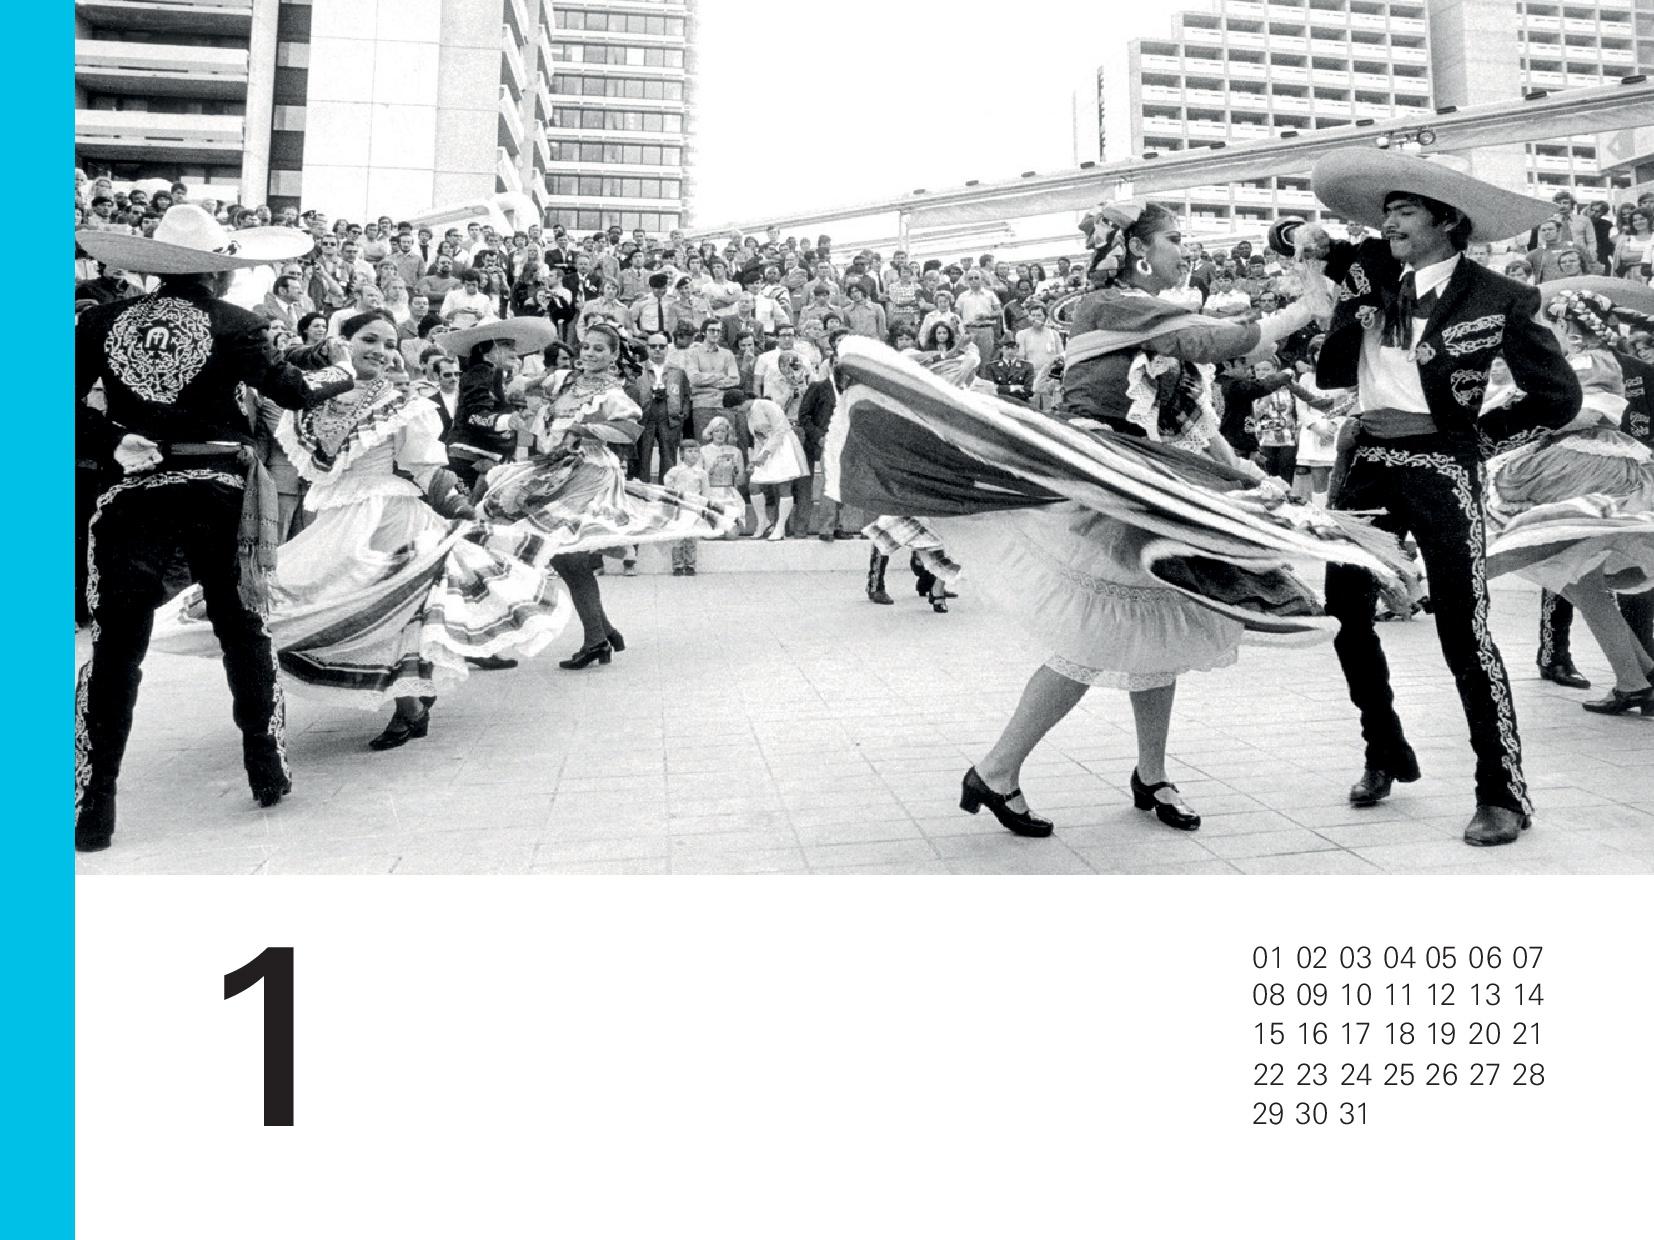 [:de]Fotokalender der Olympischen Spiele 1972[:]